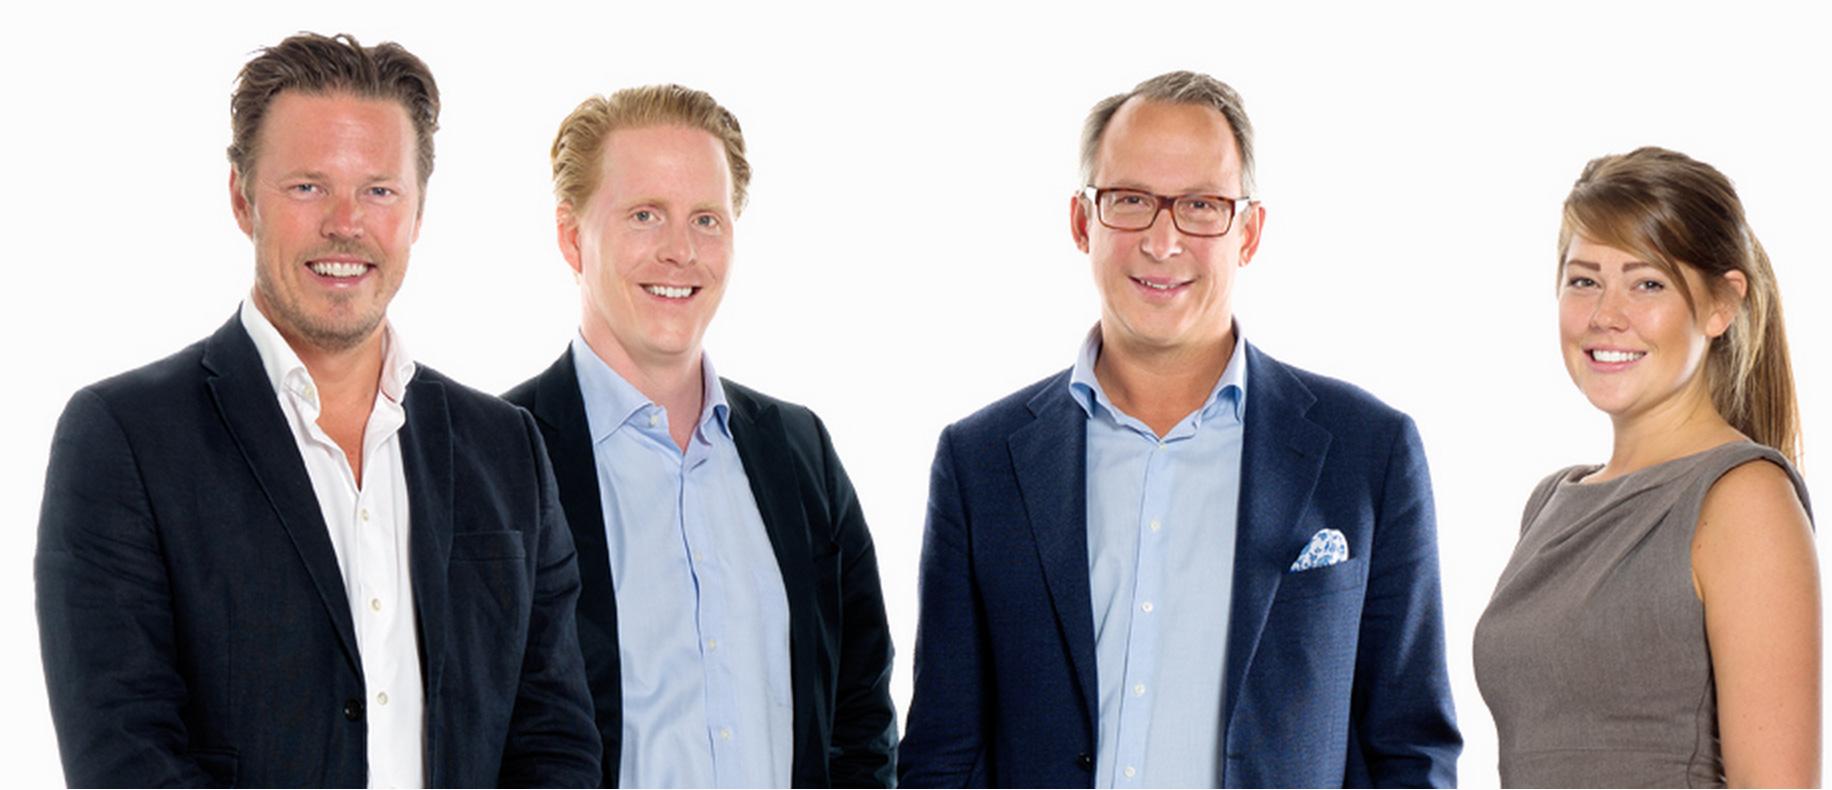 eEquity stänger ny fond - 560 miljoner ska investeras i e-handel